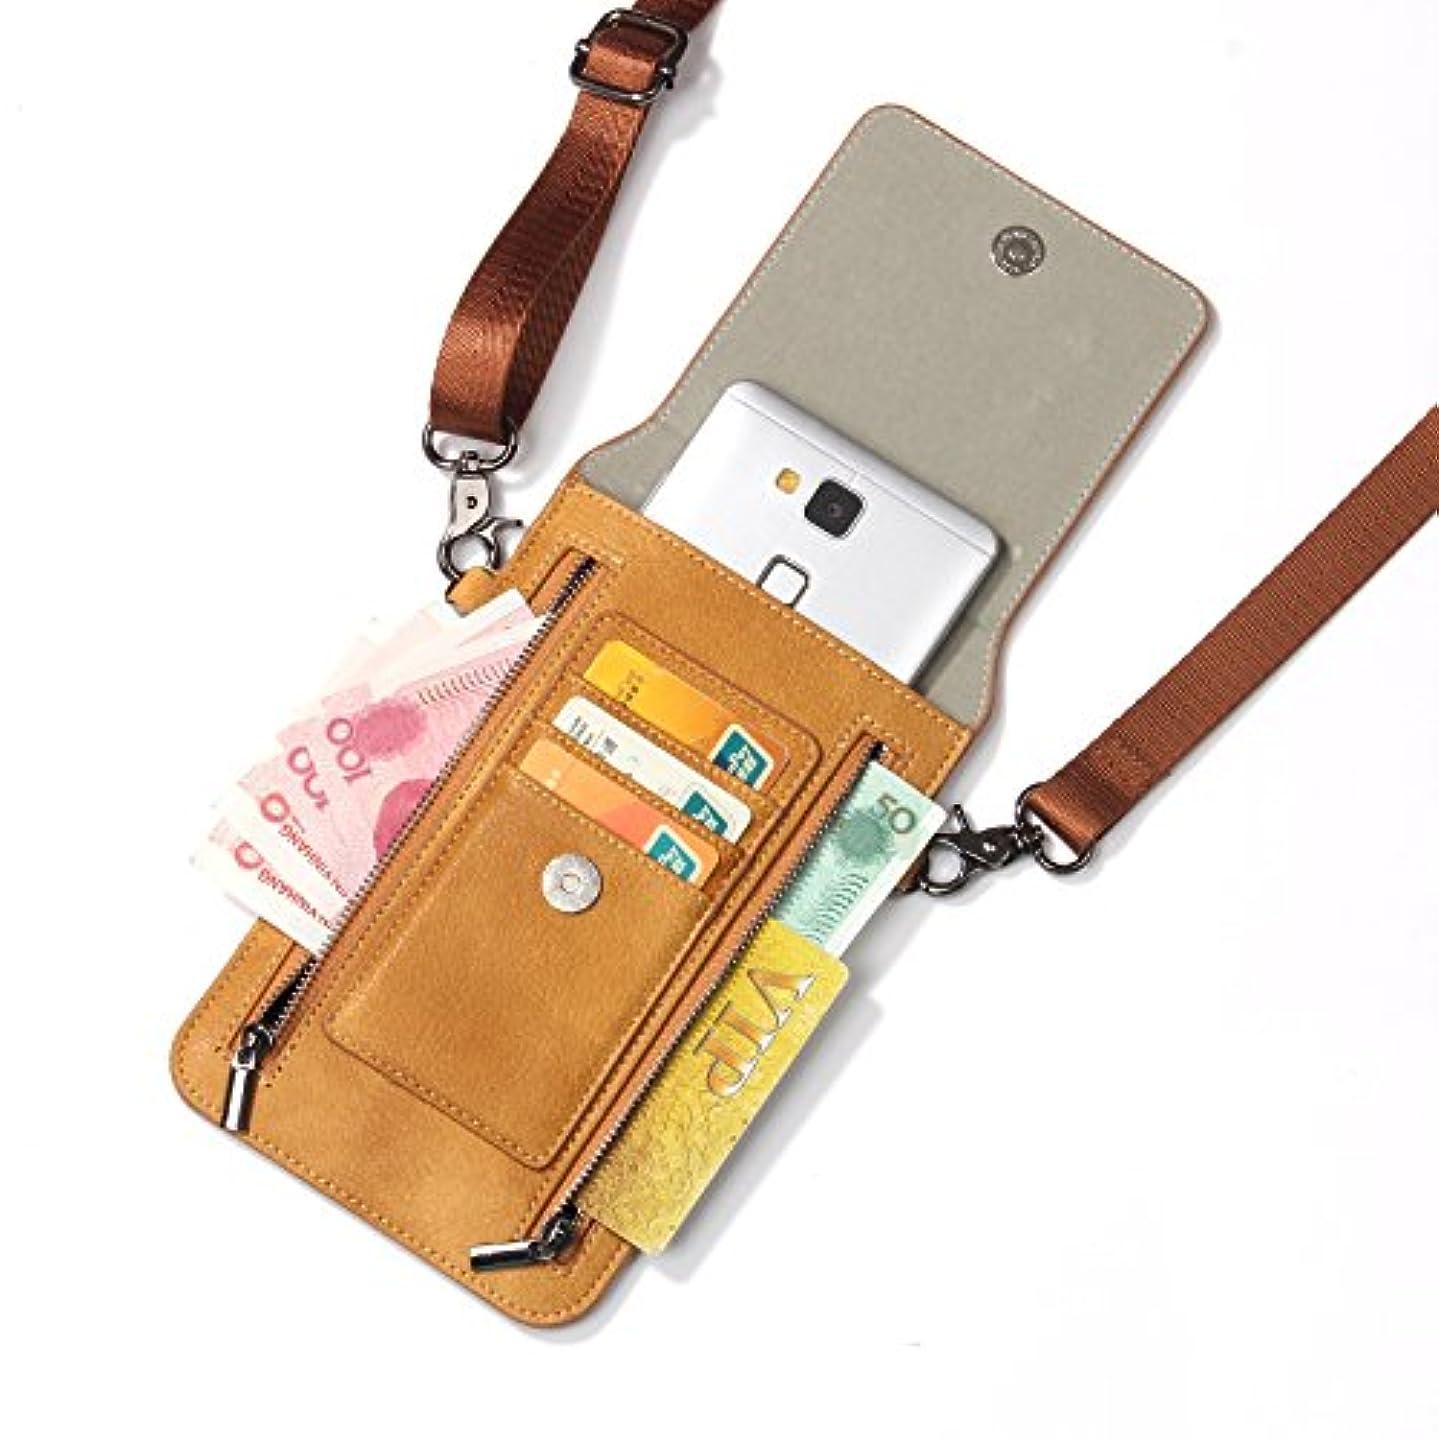 比べるデイジー顎iPhone XS Max ケース レザー INorton 多機能スマホポーチ 保護カバー 財布型 軽量 カード お金収納 ストラップ付き iPhone X /8/8Plus/7/7Plusなど6.5インチ汎用